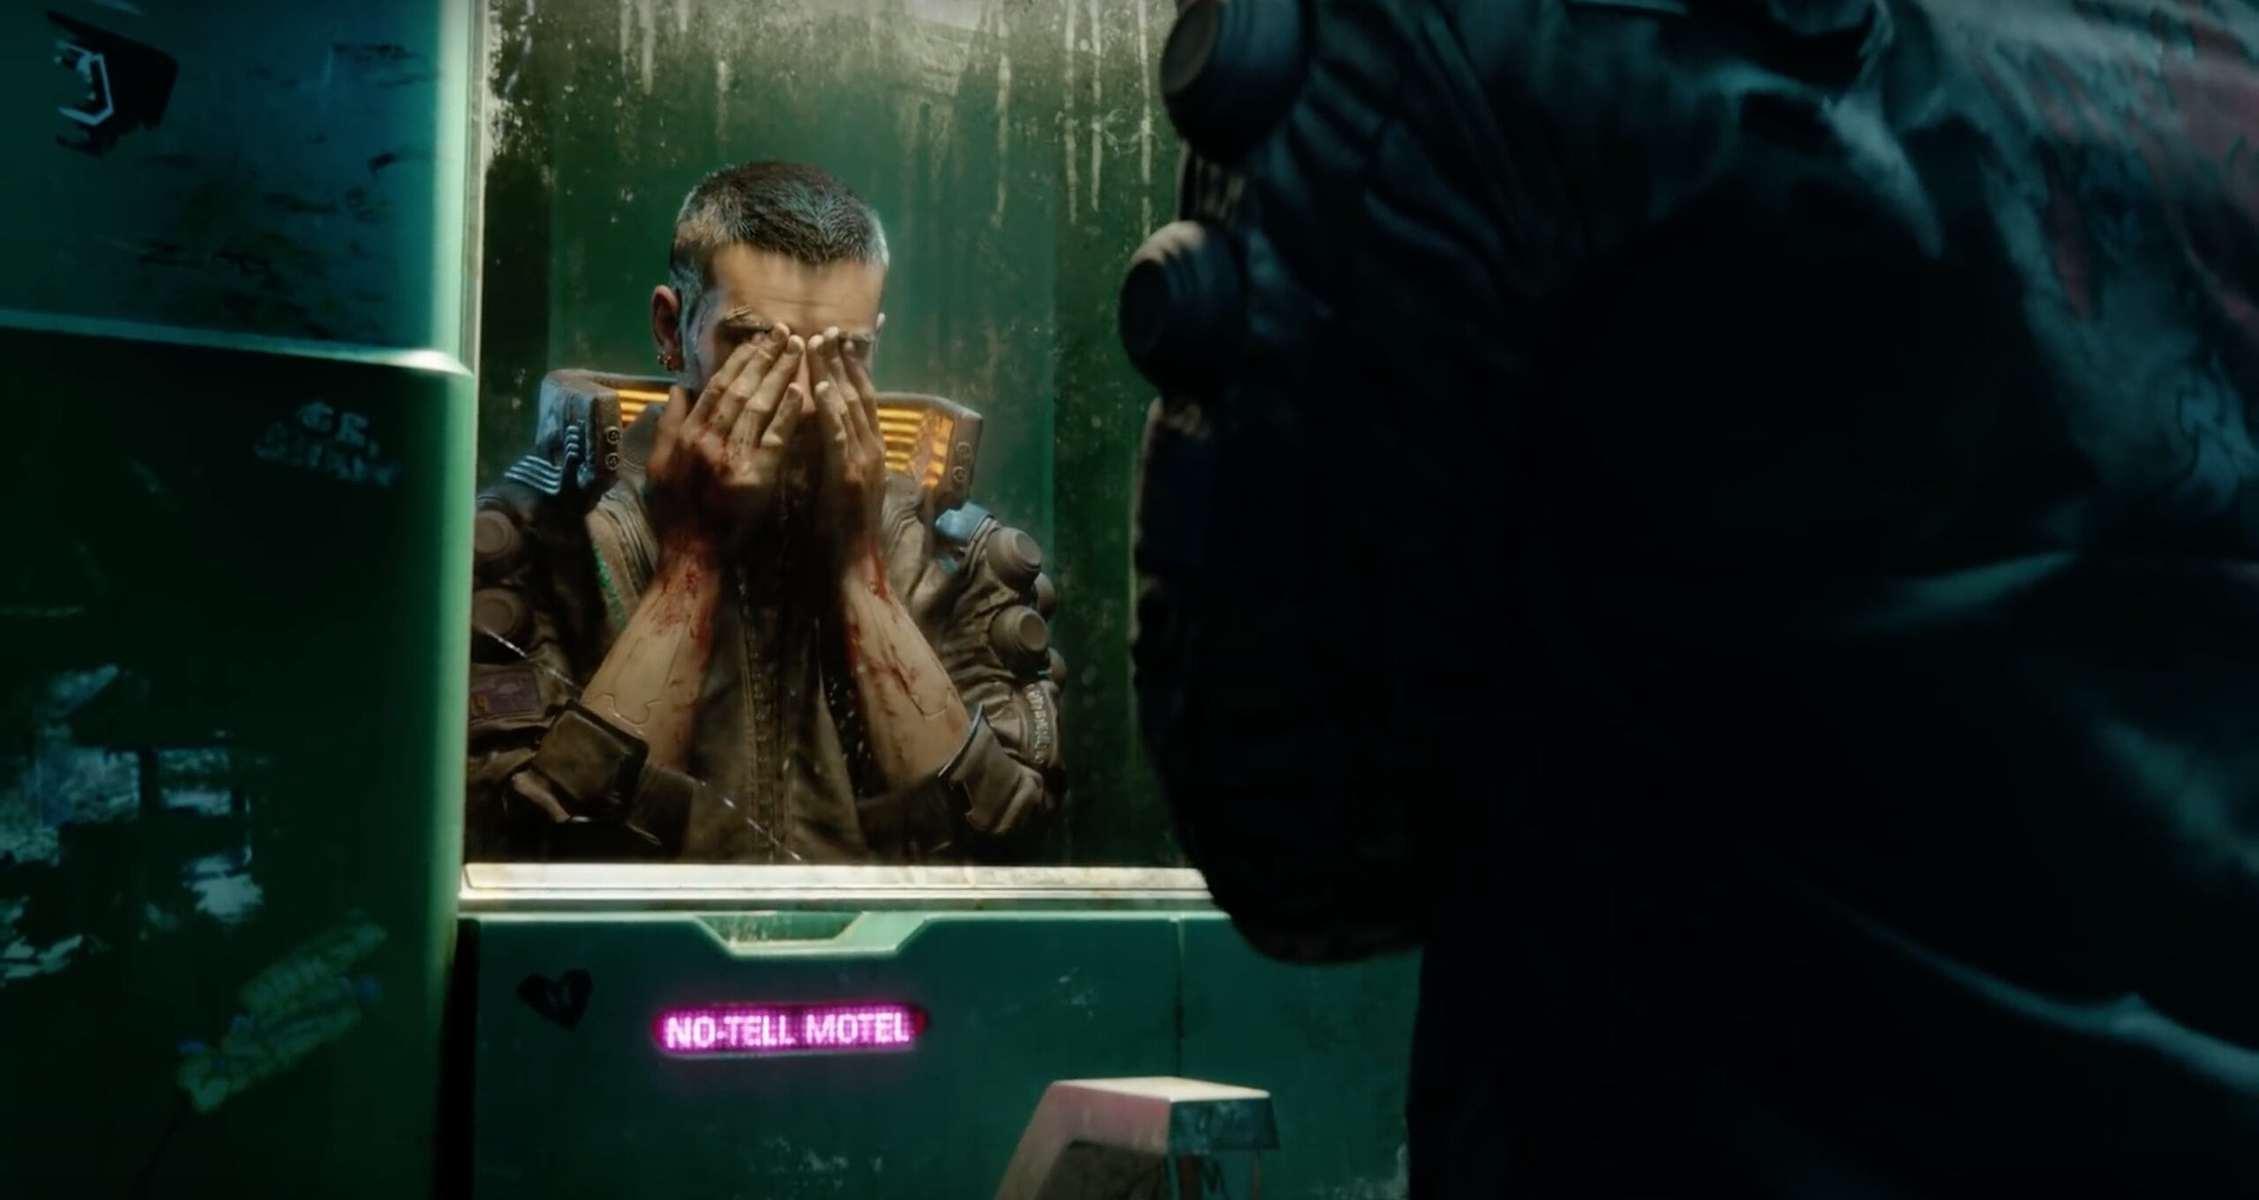 Cyberpunk 2077 : un retard de cinq mois est annoncé